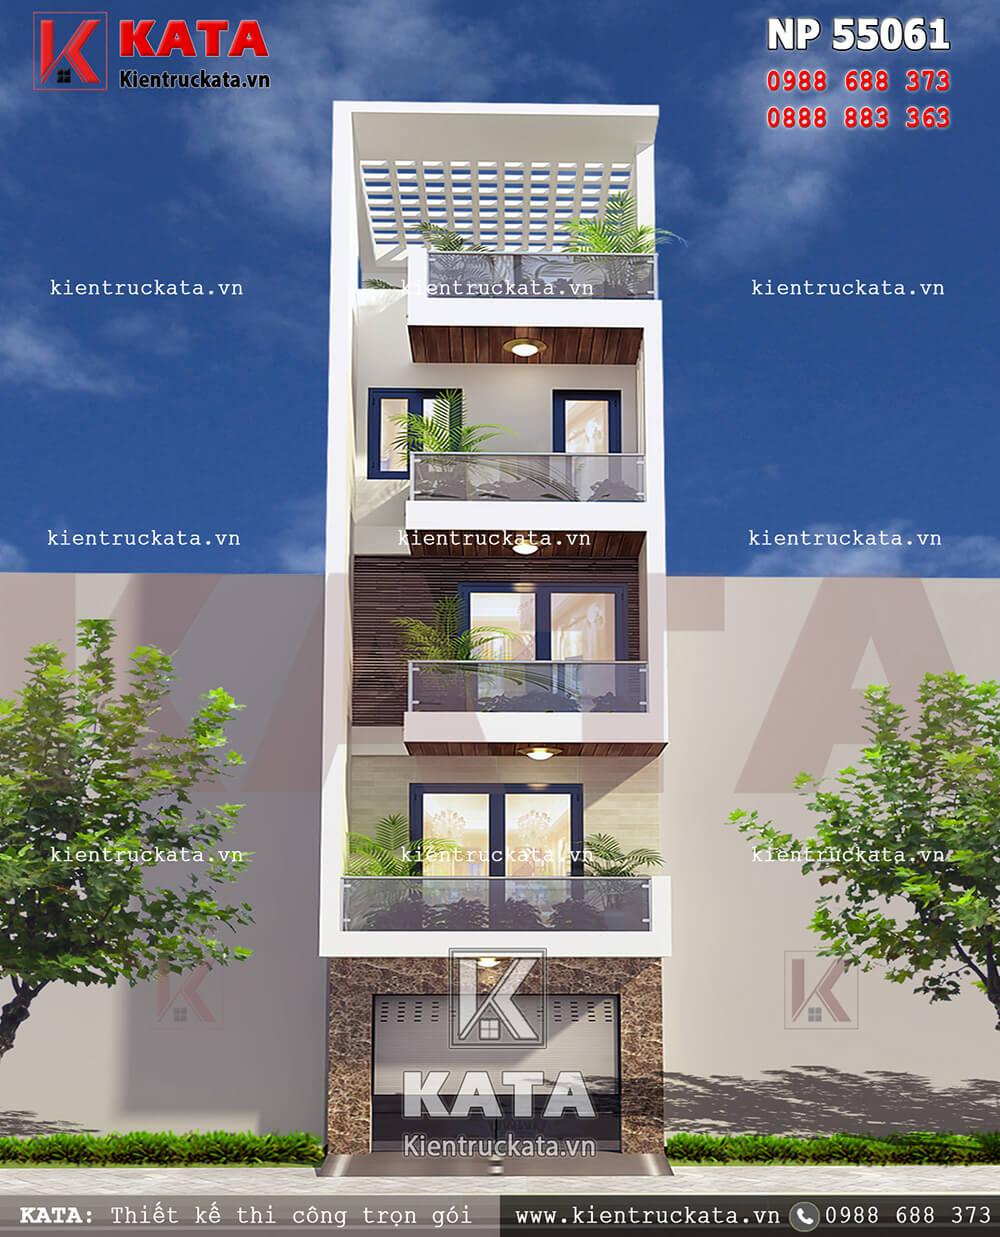 Mẫu thiết kế nhà lô phố 5 tầng đẹp tại Hải Dương - Mã số: NP 55061